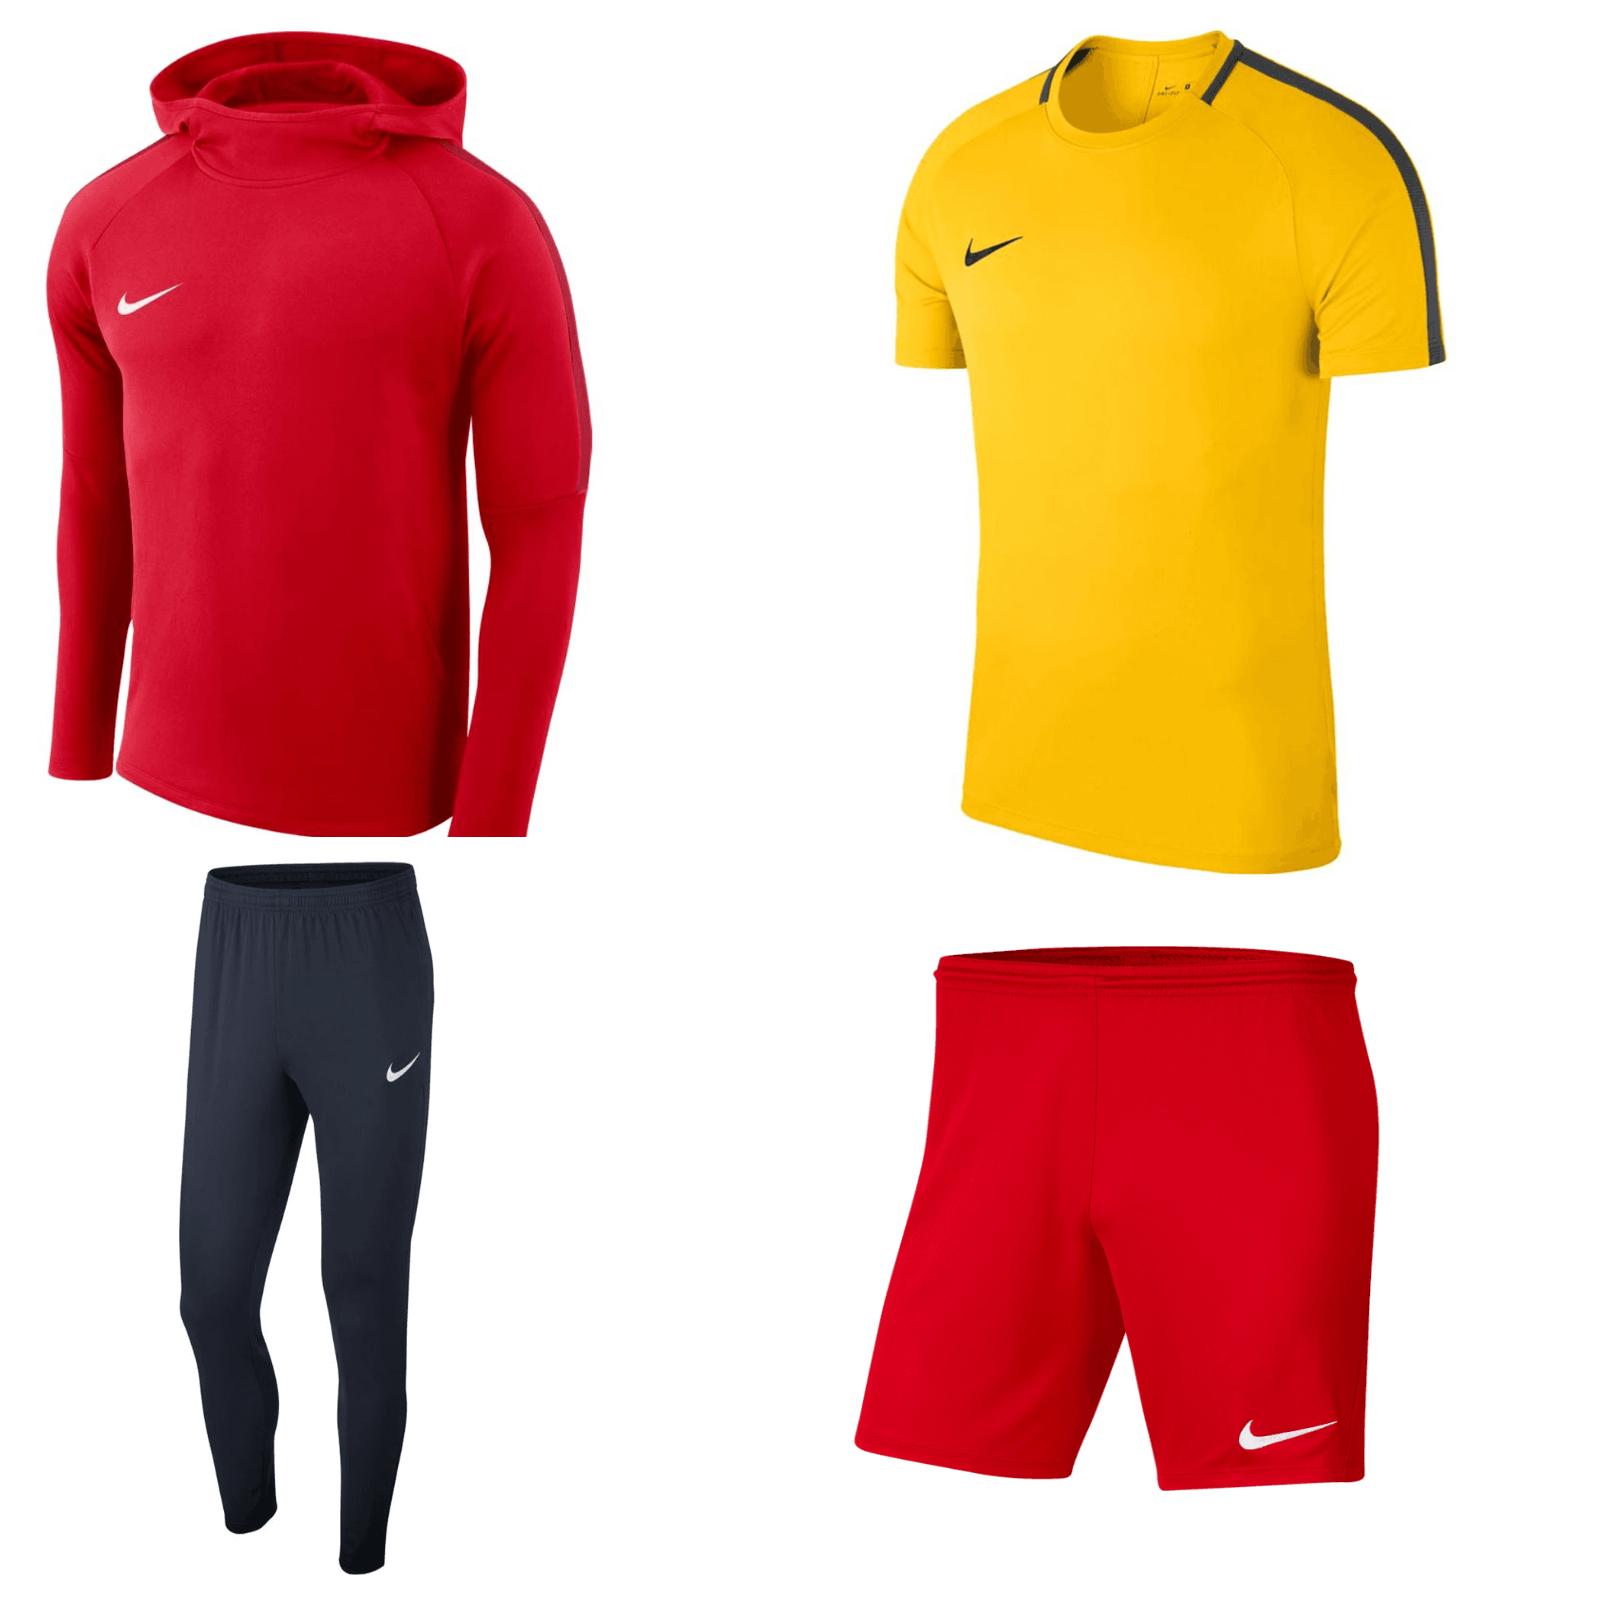 4-częściowy komplet treningowy Nike